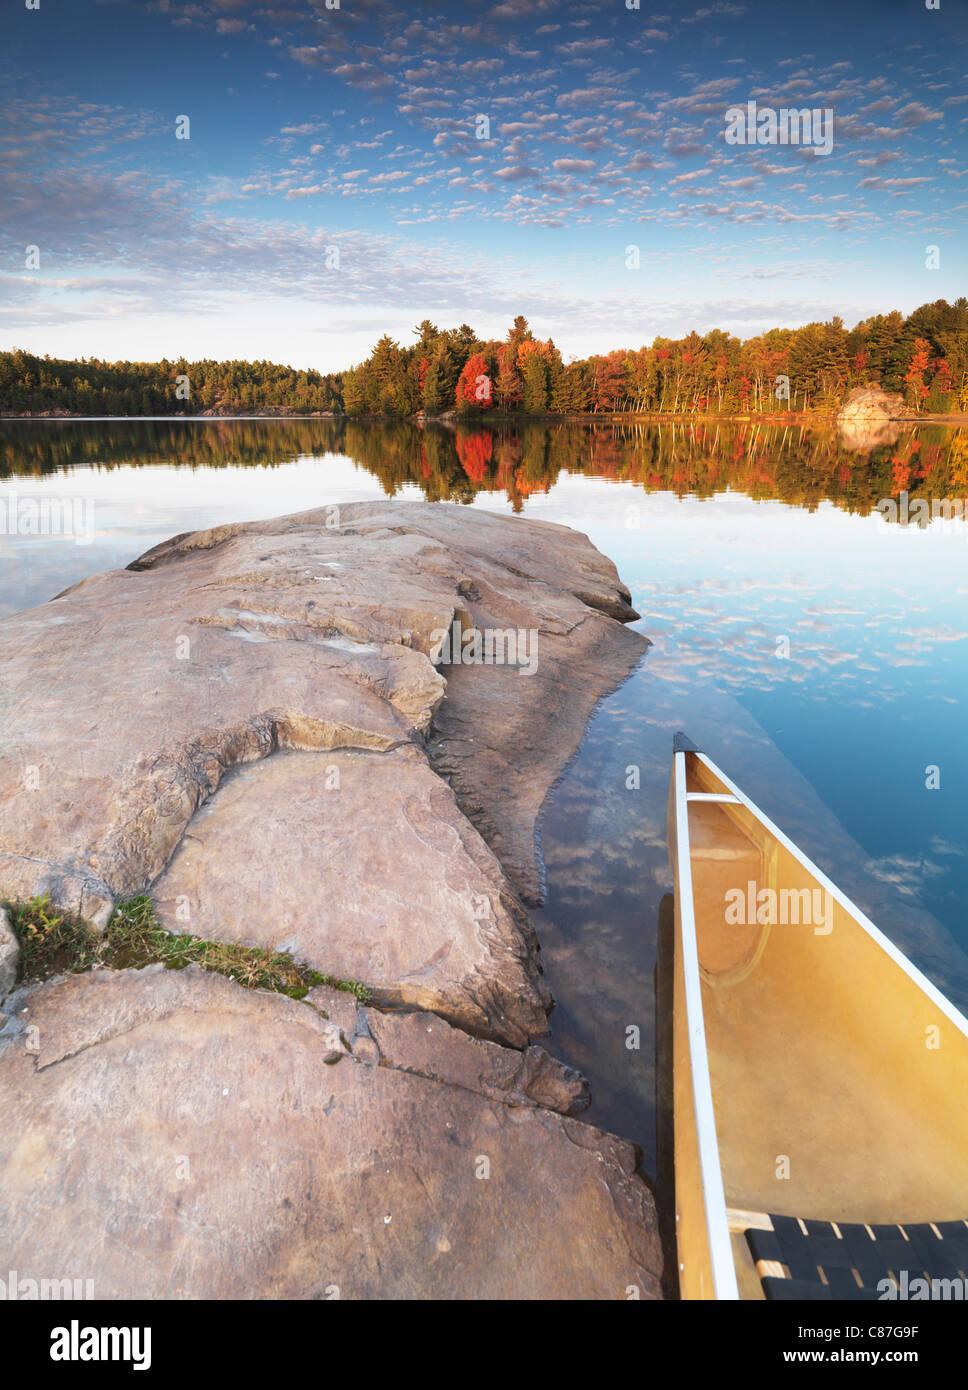 Kanu auf einem felsigen Ufer des Lake George. Schöner Sonnenuntergang Herbst Natur Landschaft. Killarney Provincial Park, Ontario, Kanada. Stockfoto